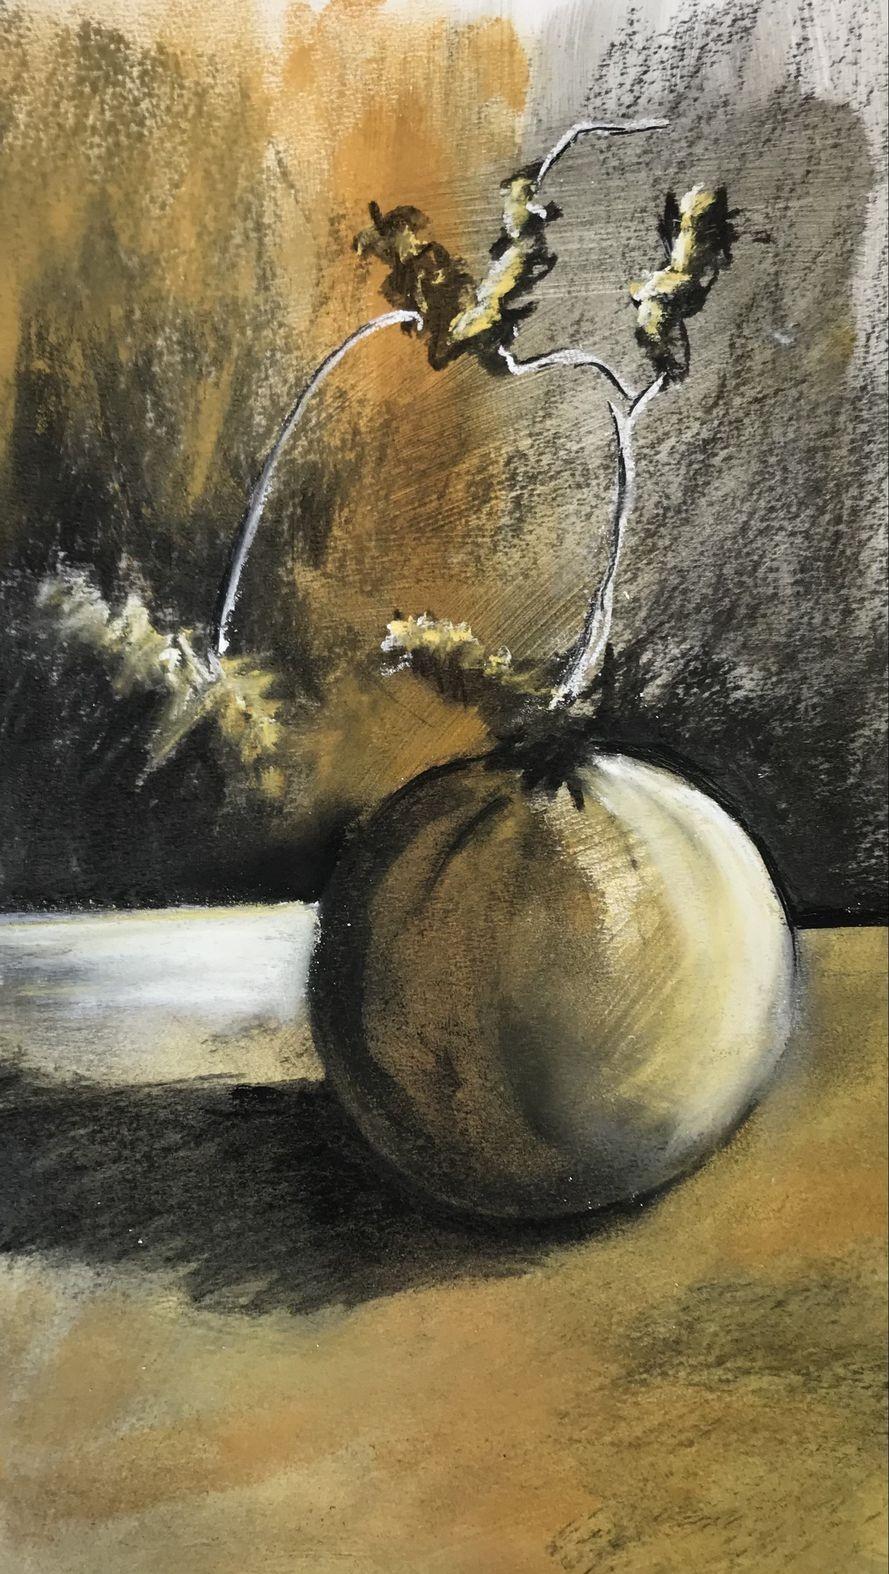 Martine melon fusain et pastel mouille 13 10 2020